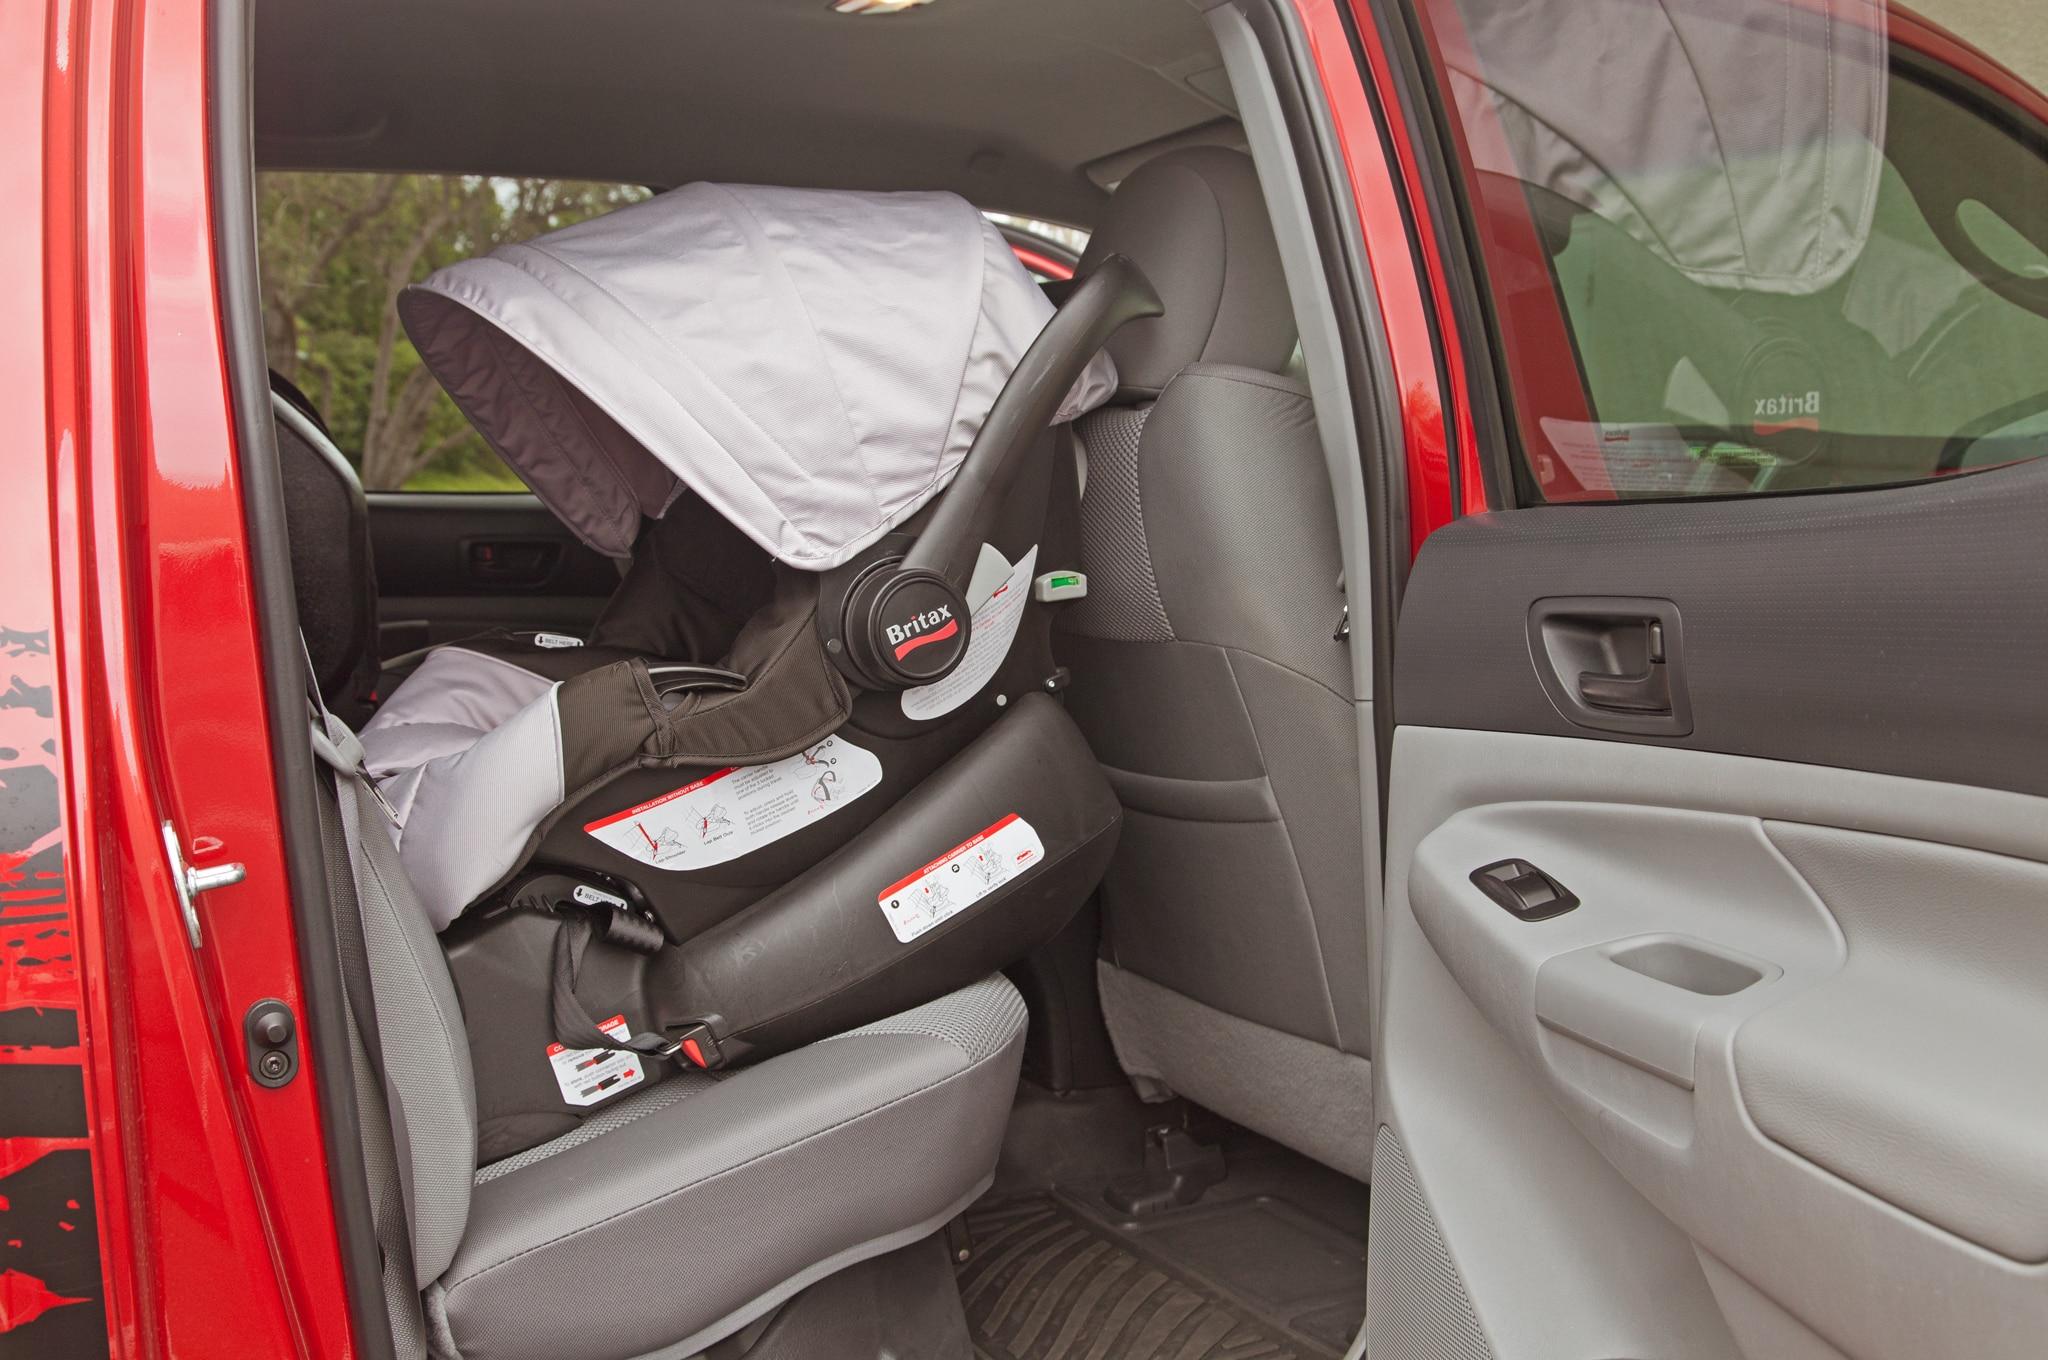 2013 toyota tacoma tundra highlander get trim equipment changes. Black Bedroom Furniture Sets. Home Design Ideas